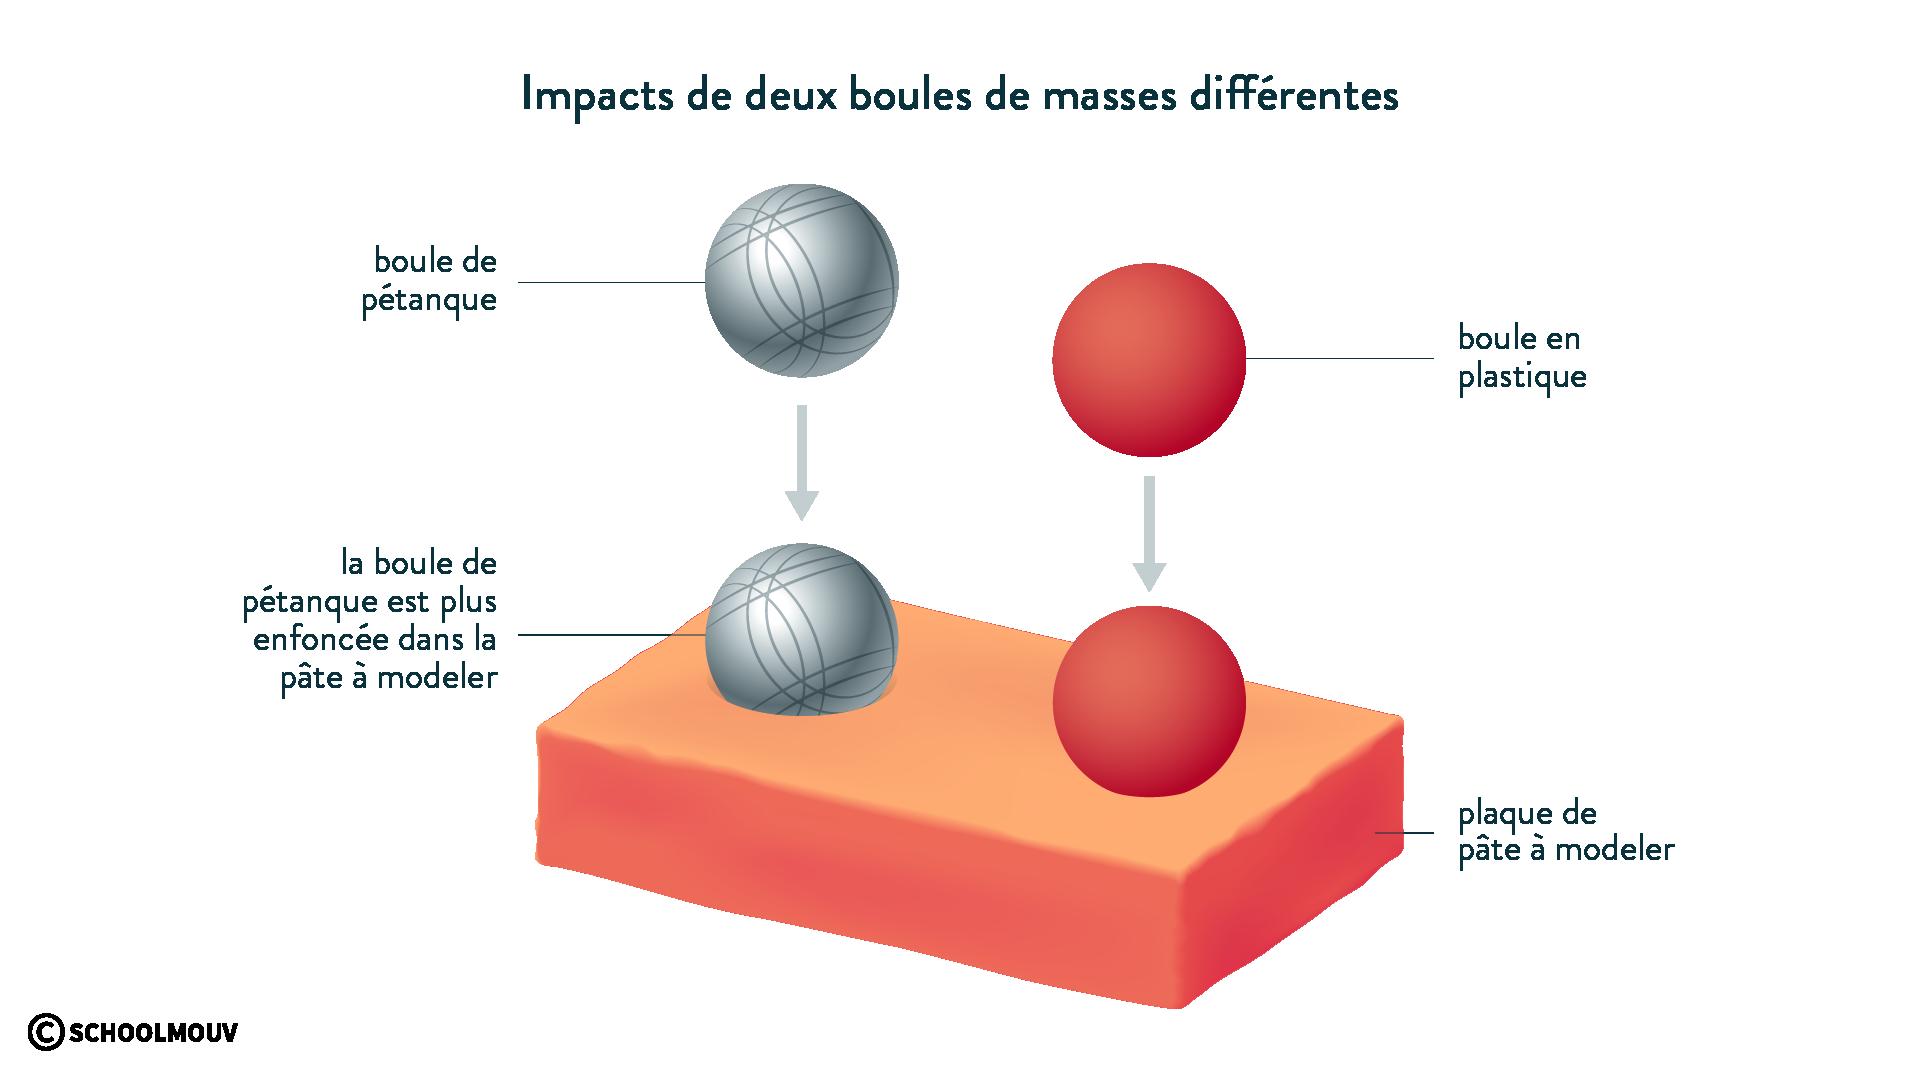 Impacts de deux boules de masses différentes pâte à modeler énergie de mouvement physique chimie 6eme schoolmouv